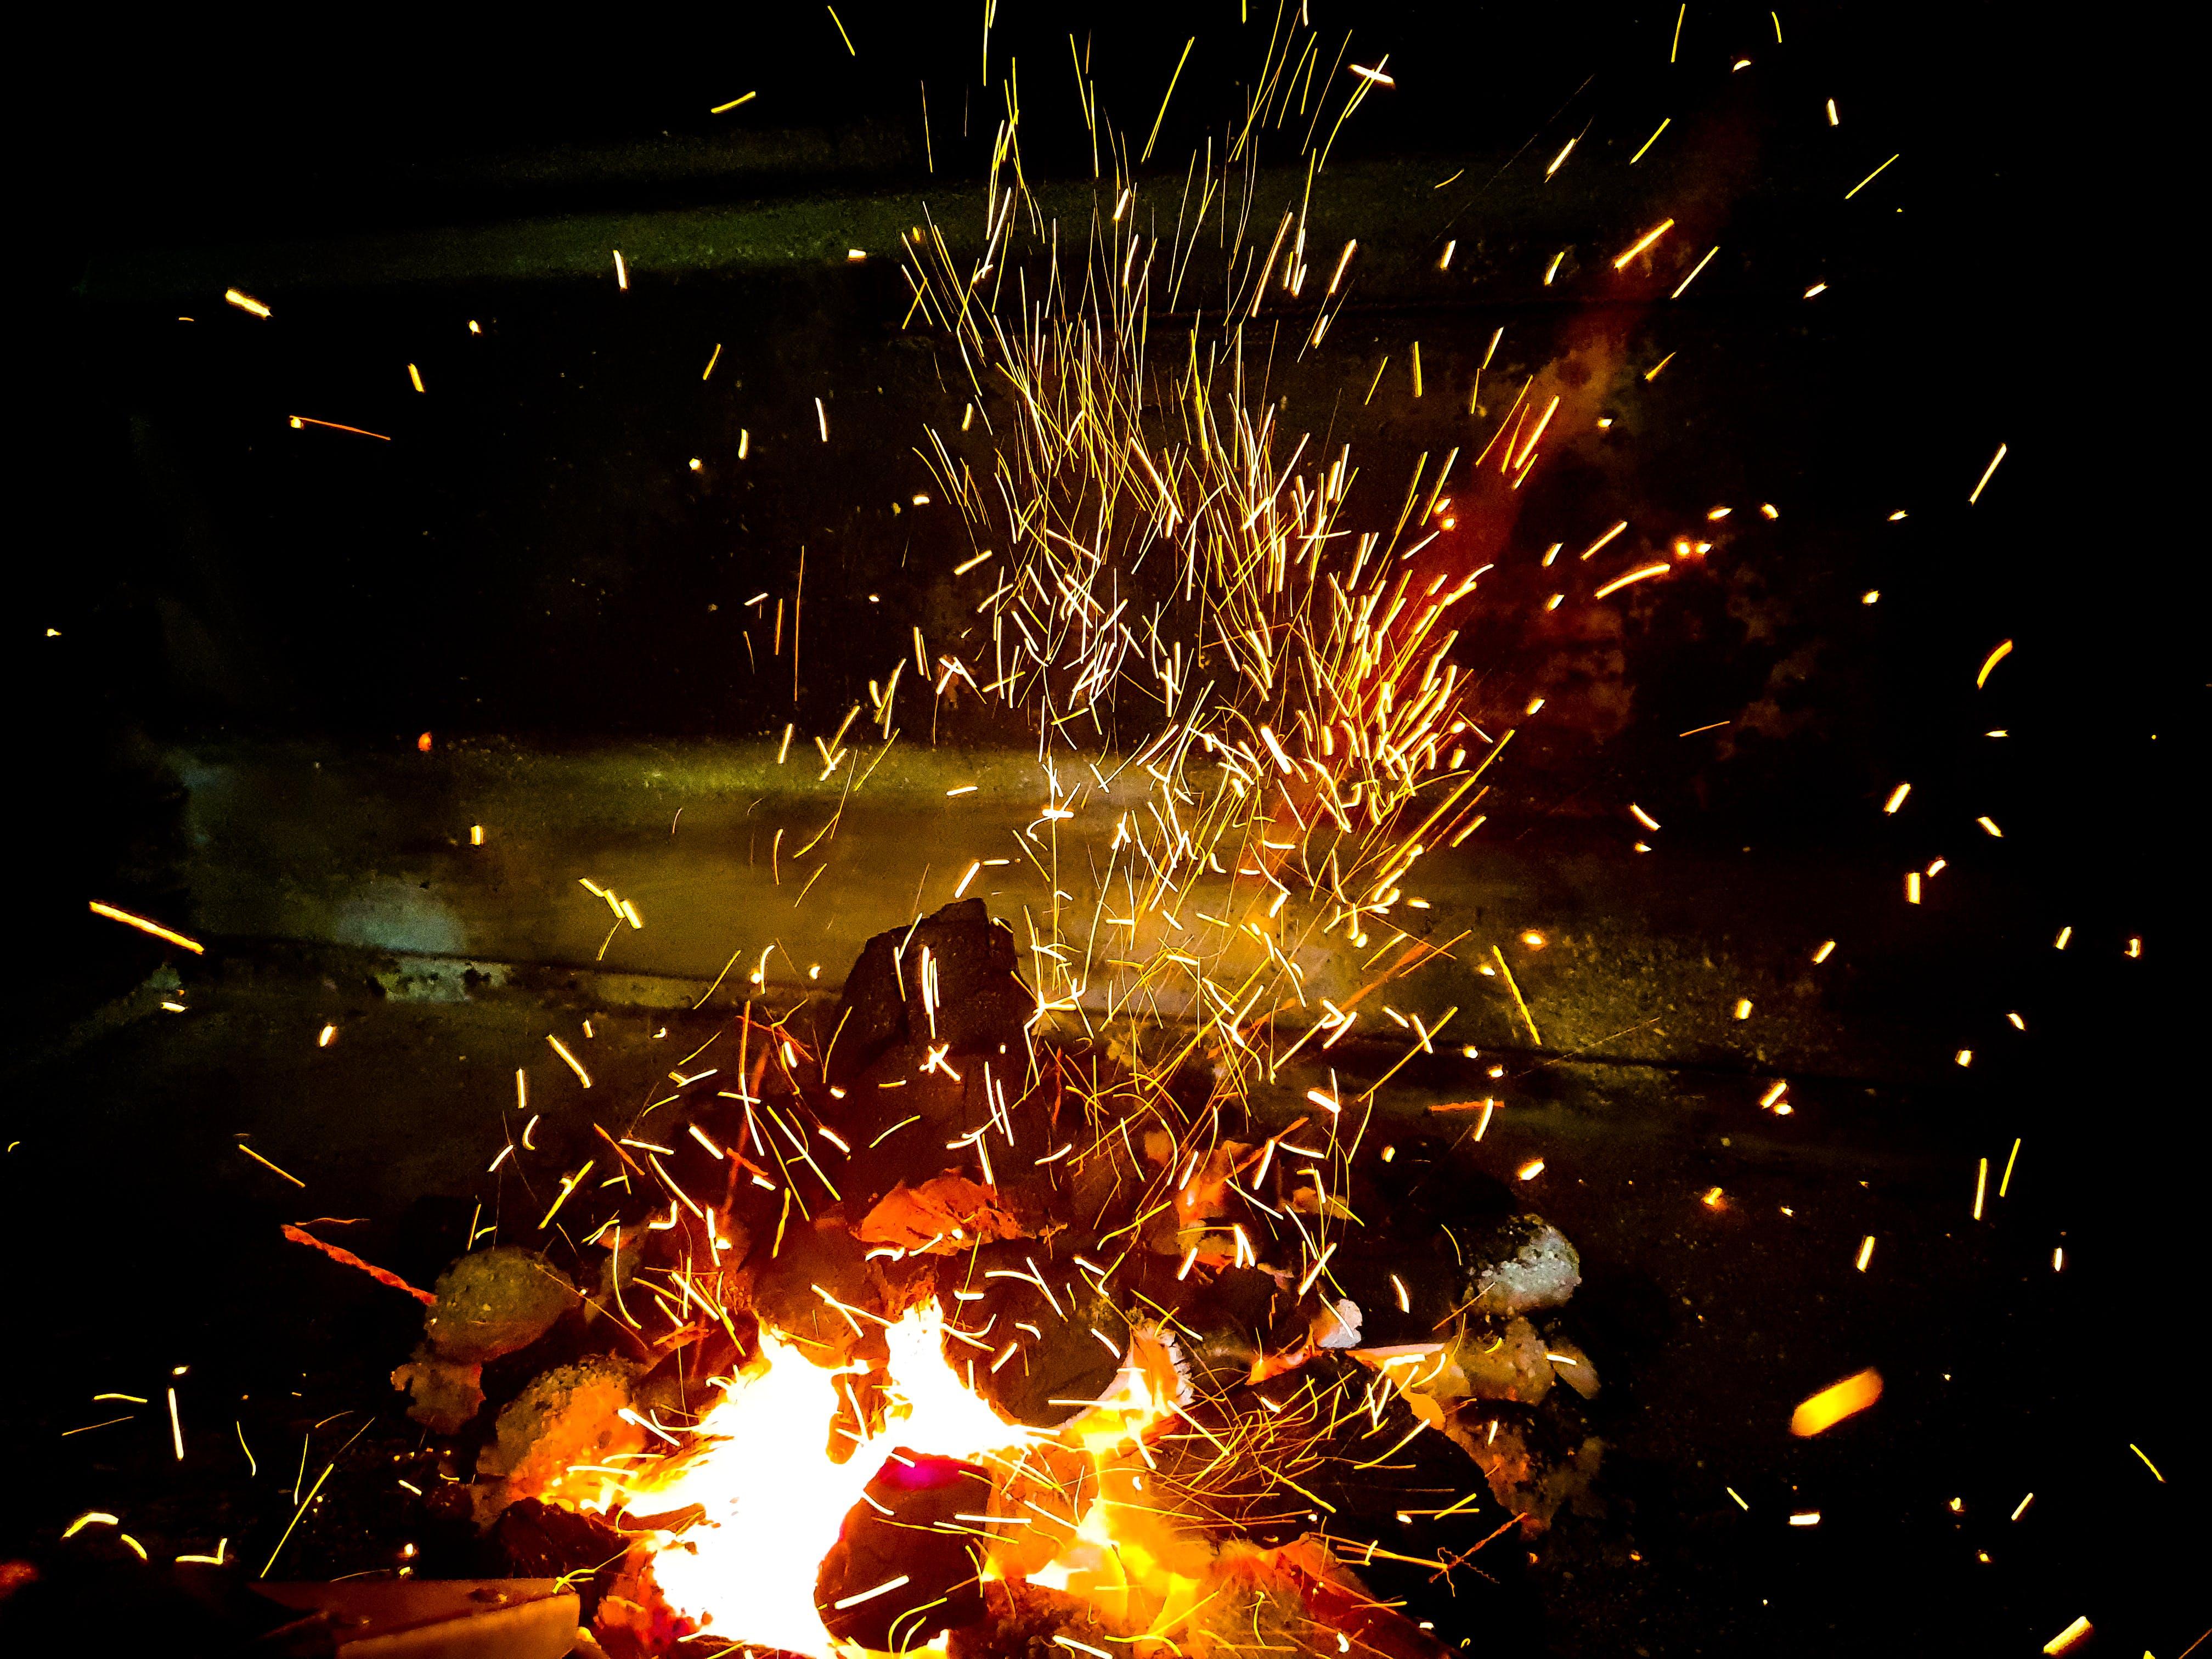 Δωρεάν στοκ φωτογραφιών με ανάβω φωτιά, γκρο πλαν, ζεστασιά, ζεστός